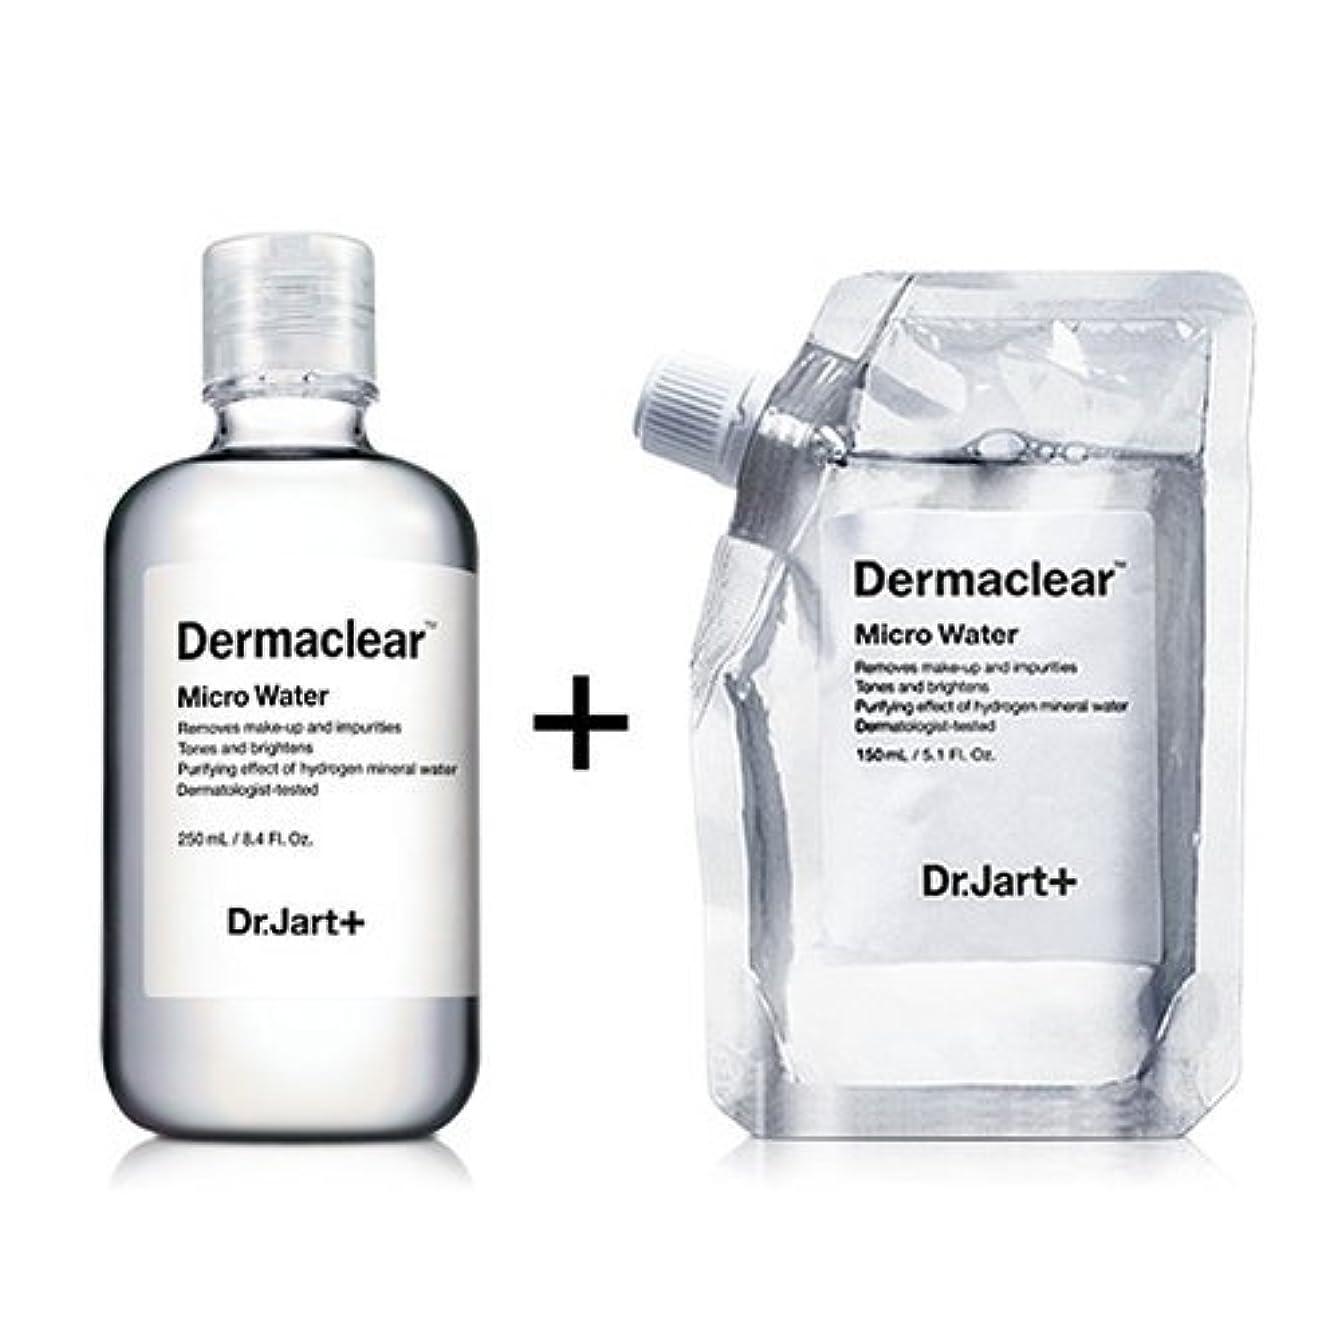 エンティティ喜びエスカレートドクタージャルト[韓国コスメ Dr.Jart+]ダーマクリア マイクロ ウォーター250ml+150ml(リフィル) [Dr.Jart+]Dermaclear Micro Water (250ml+150ml)